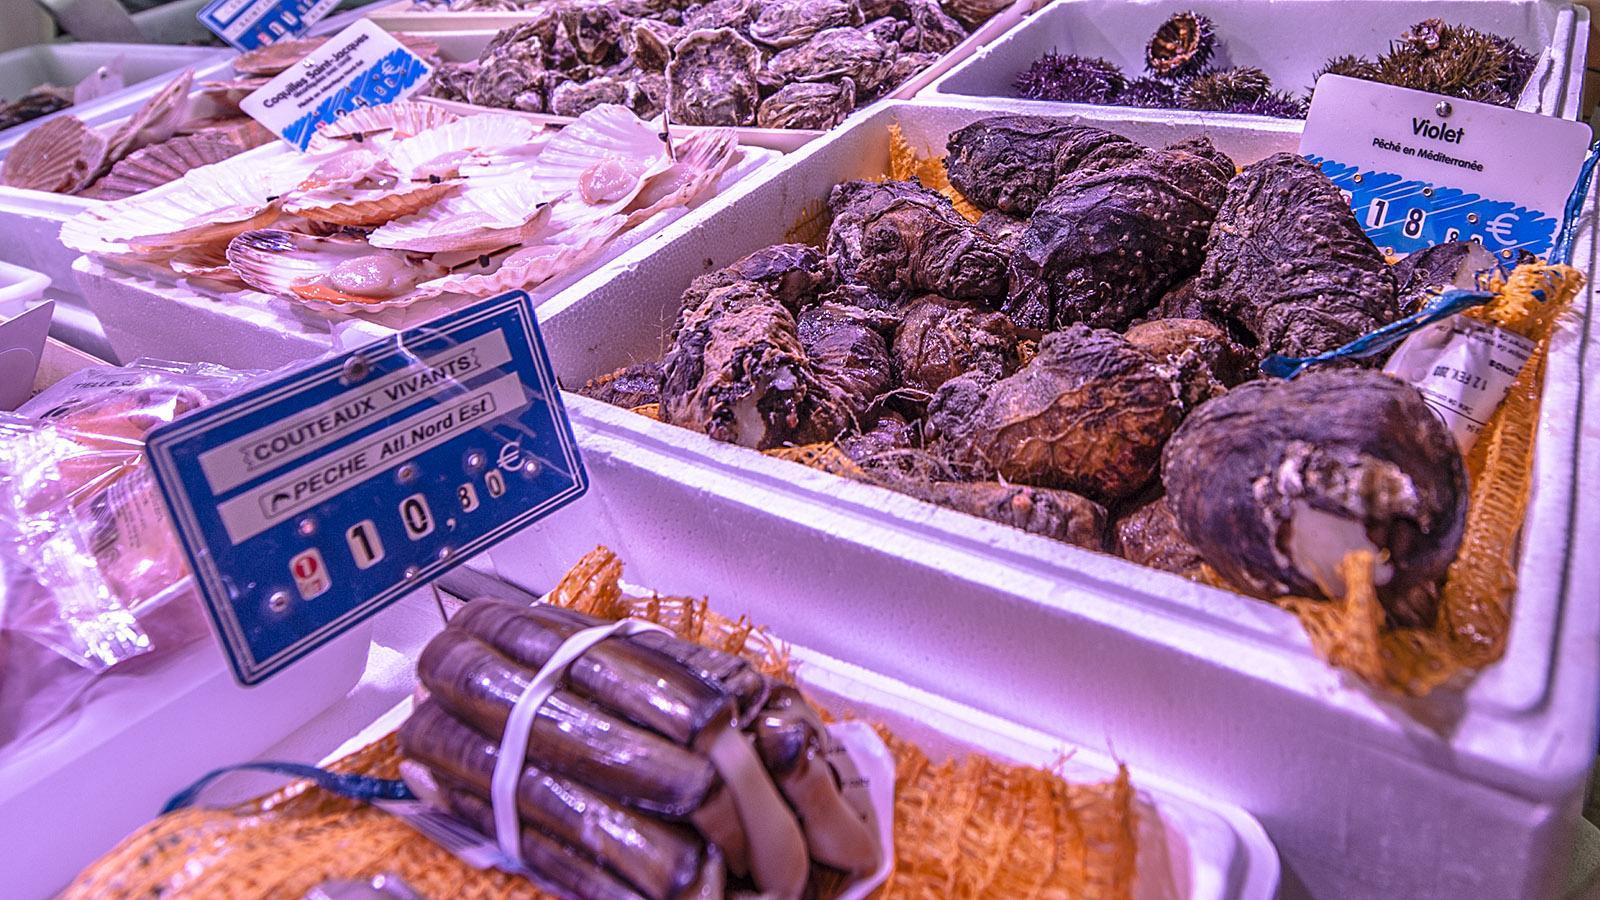 Violet de Mer: eine selten gewordene Seafood-Spezialität. Foto: Hilke Maunder